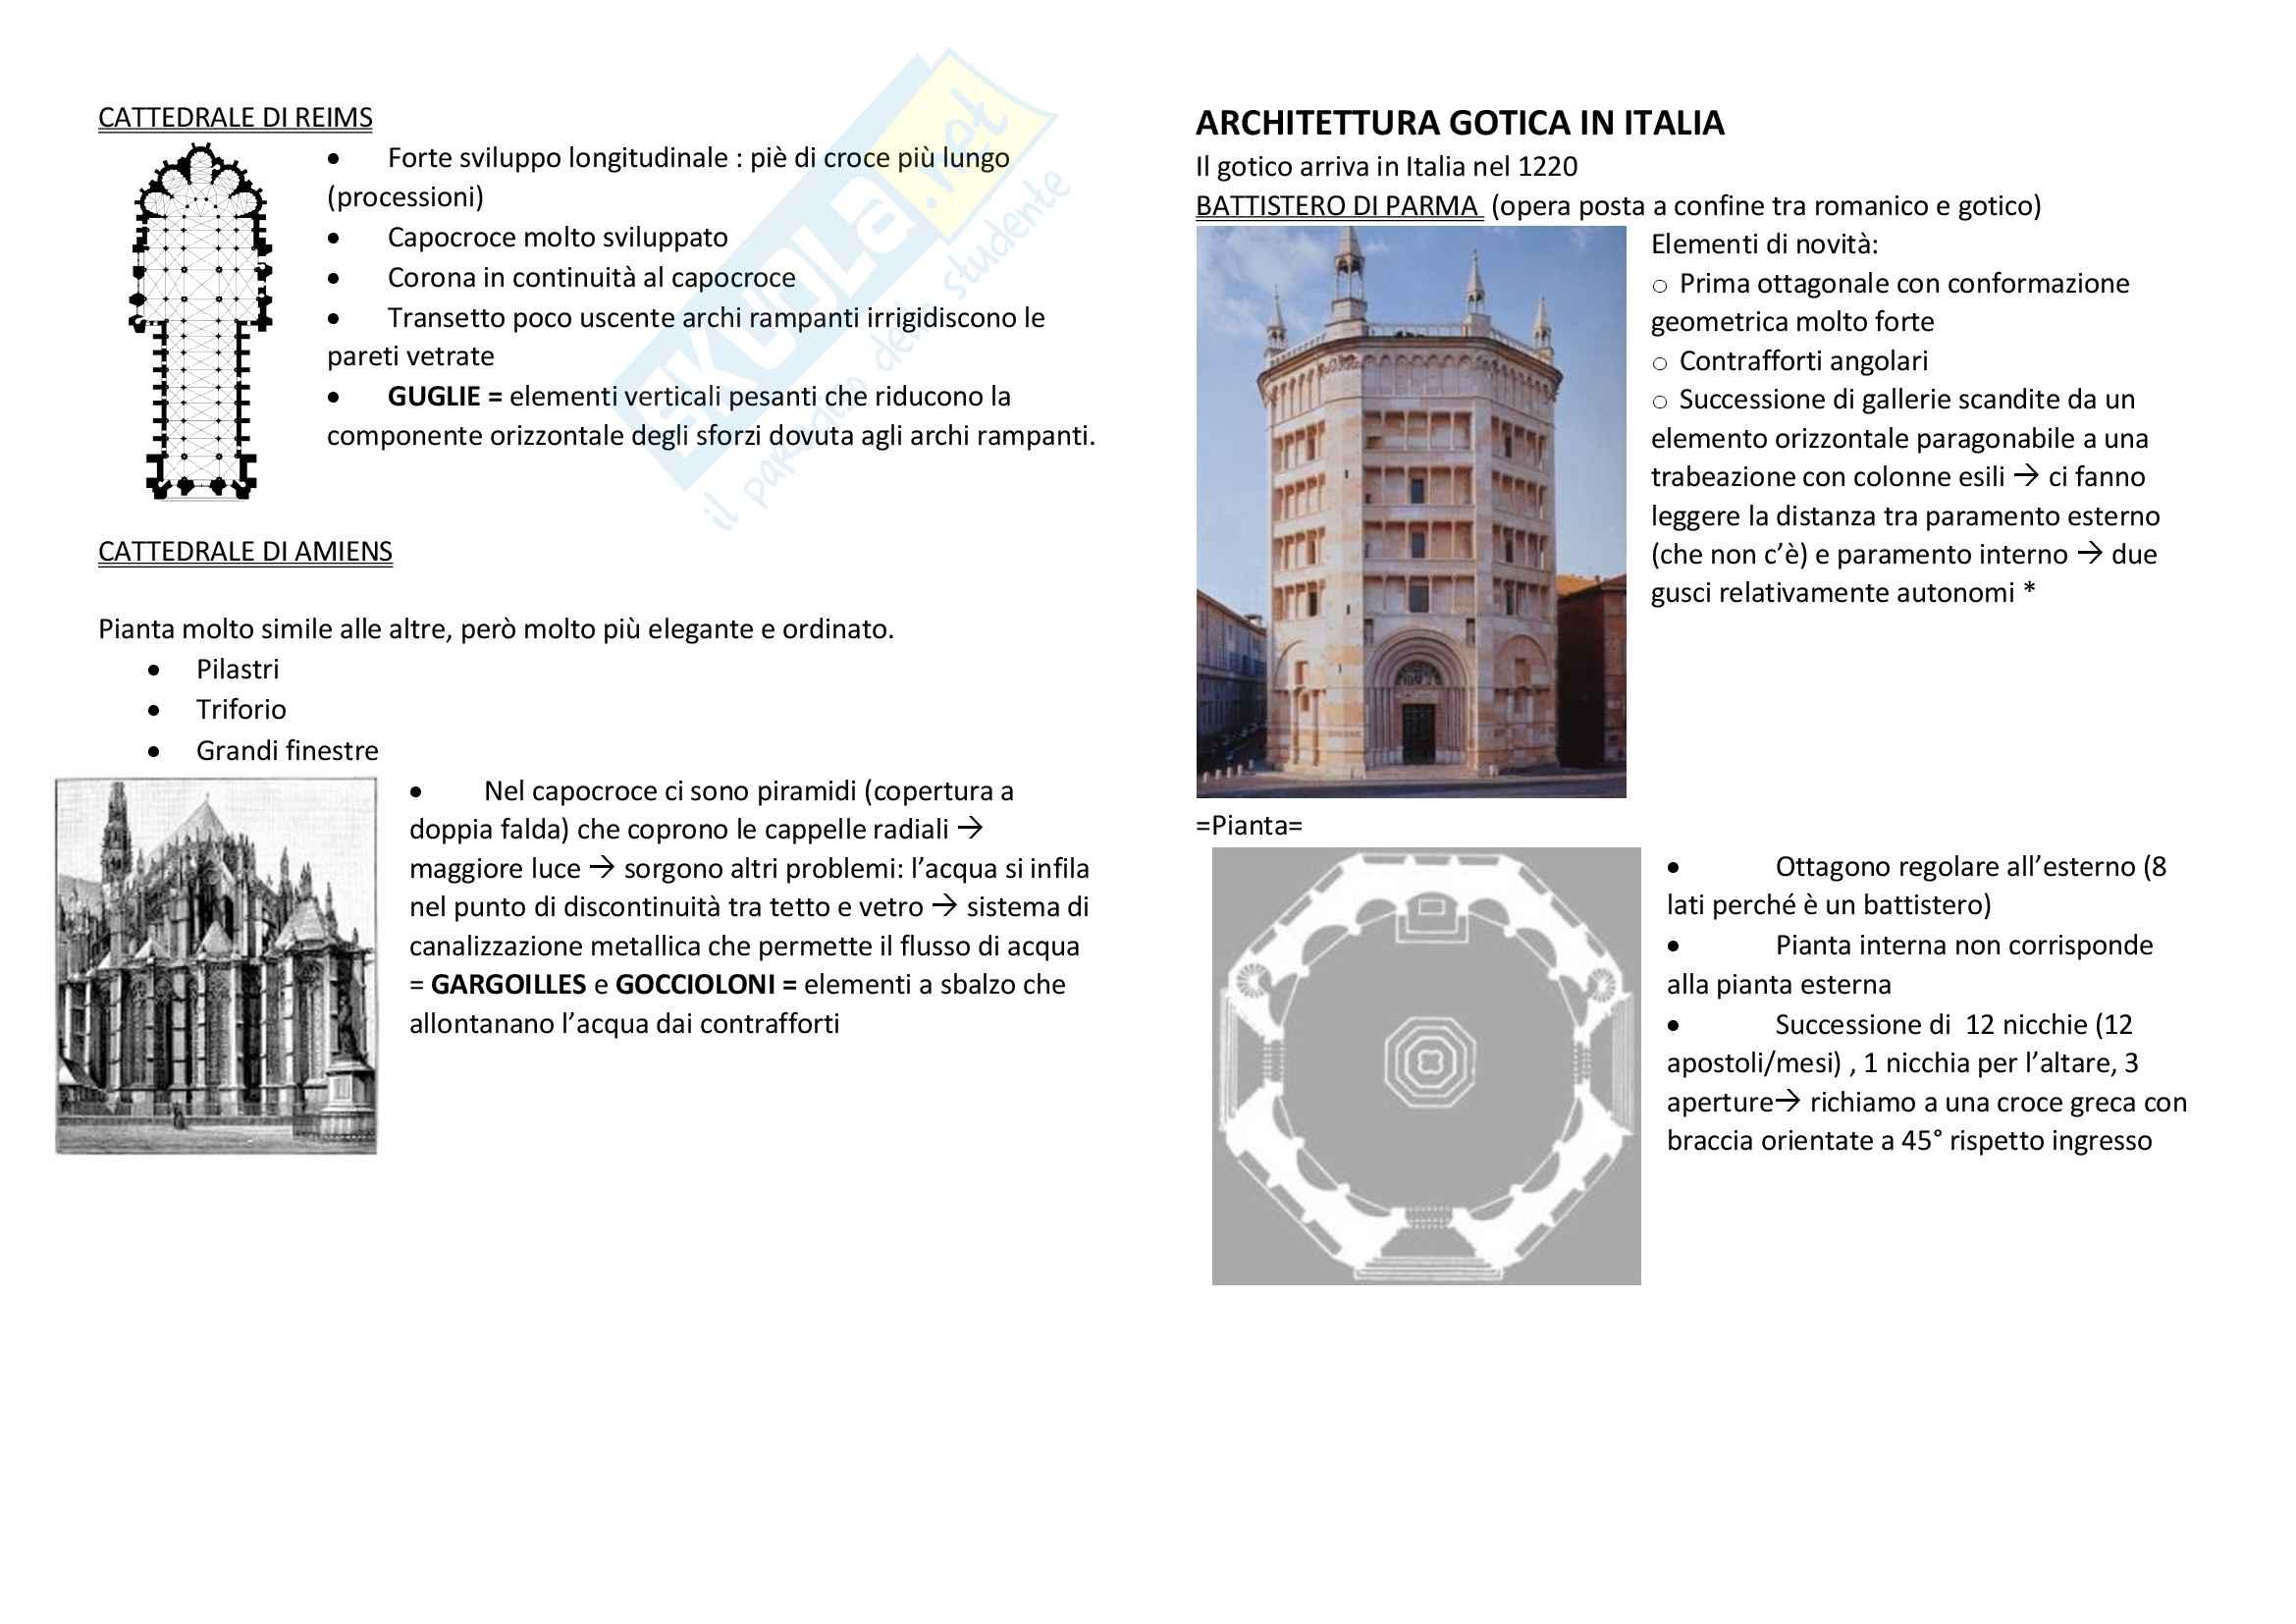 Storia dell'architettura dalle origini al '600 Pag. 41